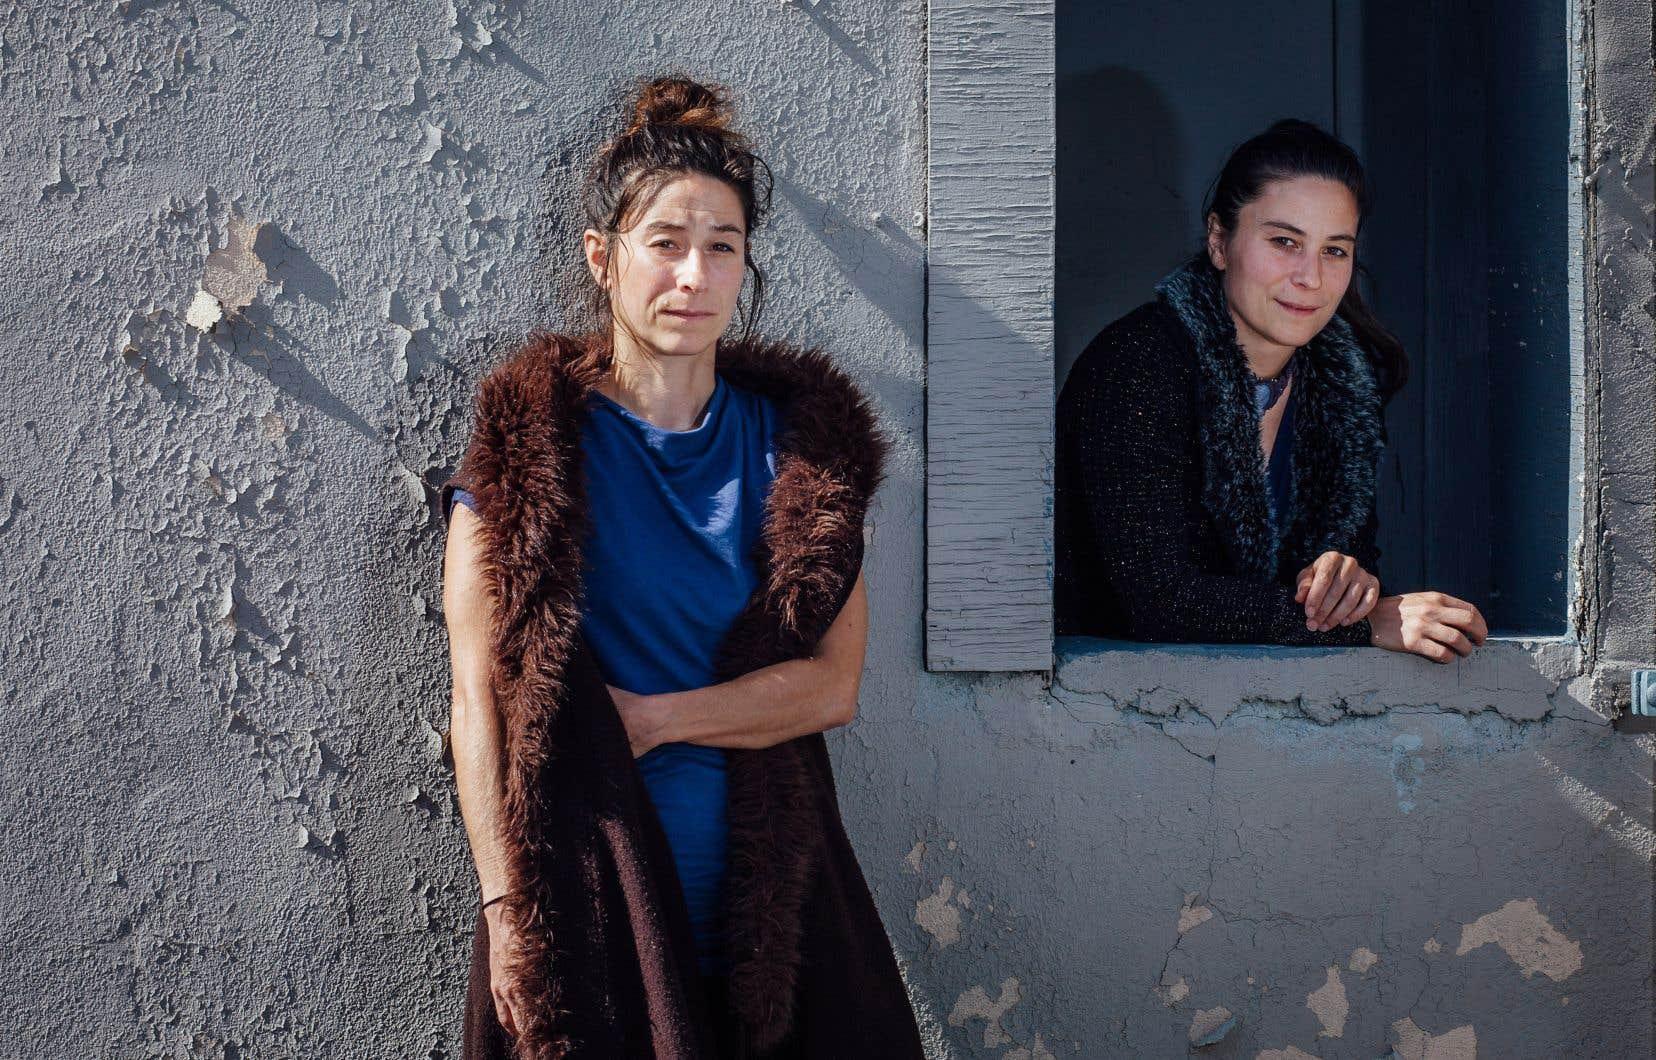 Élodie (à gauche) et Séverine (à la fenêtre) questionnent frontalement leur gémellité, et la vision qu'elle leur impose.